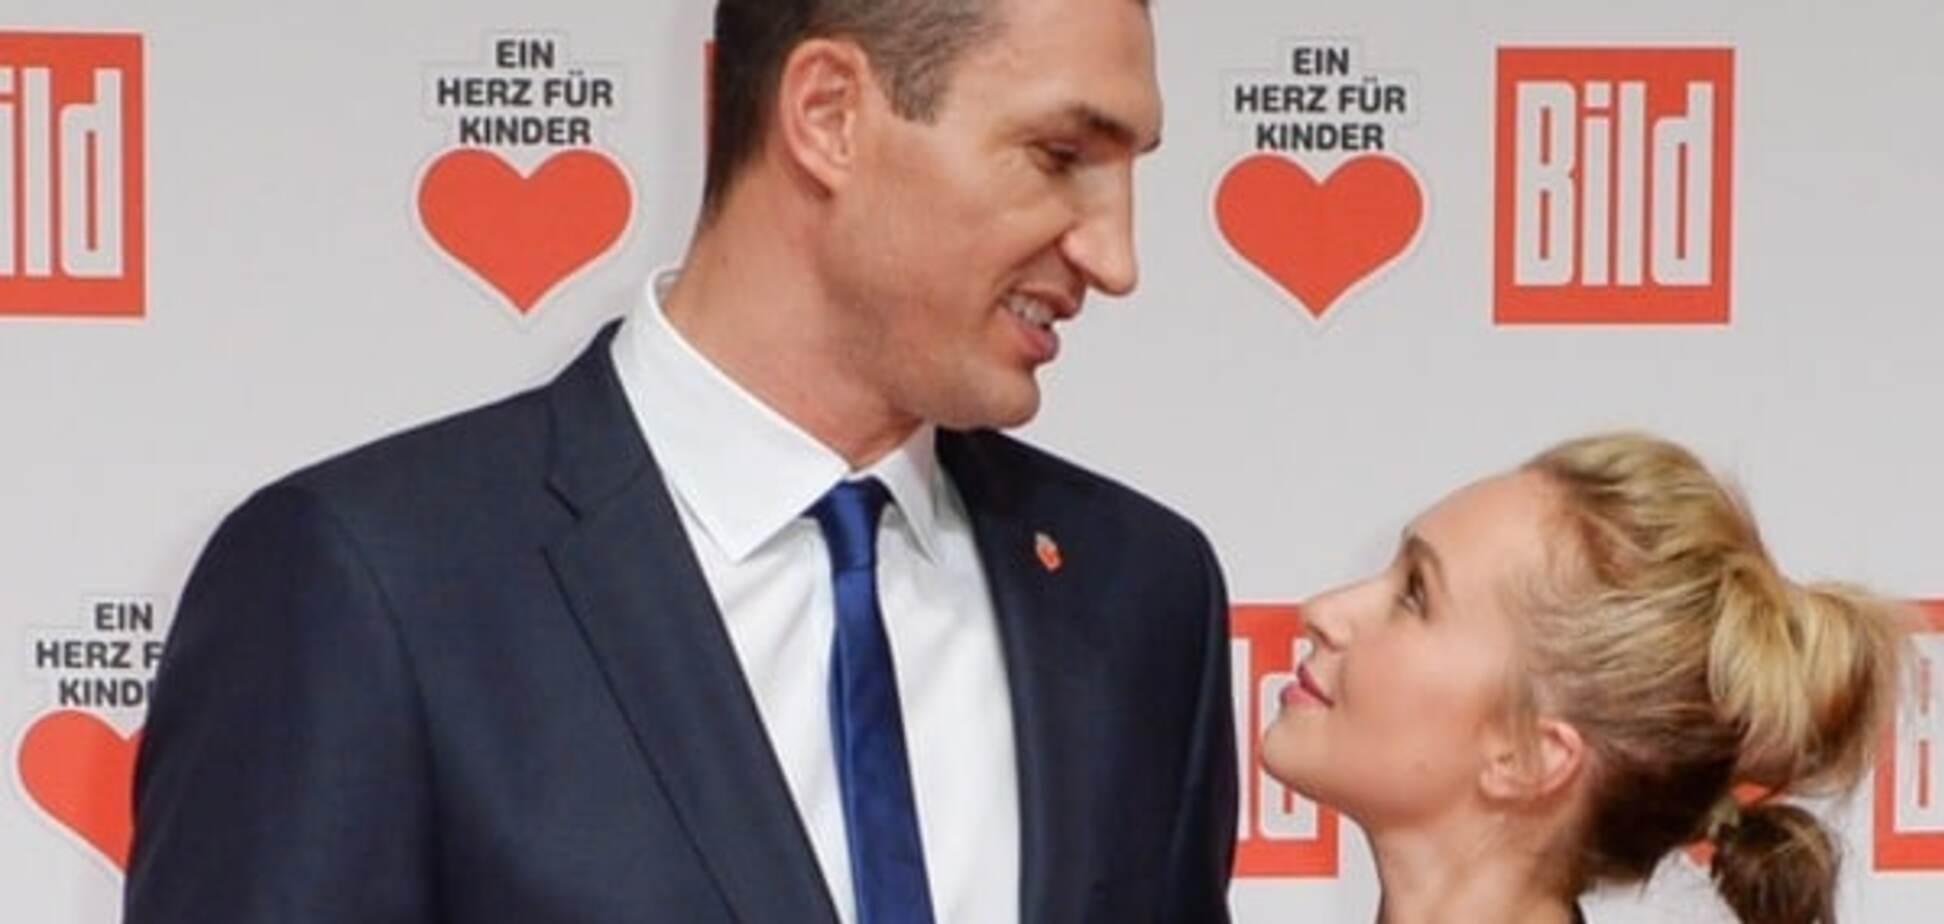 Кличко и Панеттьери готовятся к свадьбе – СМИ